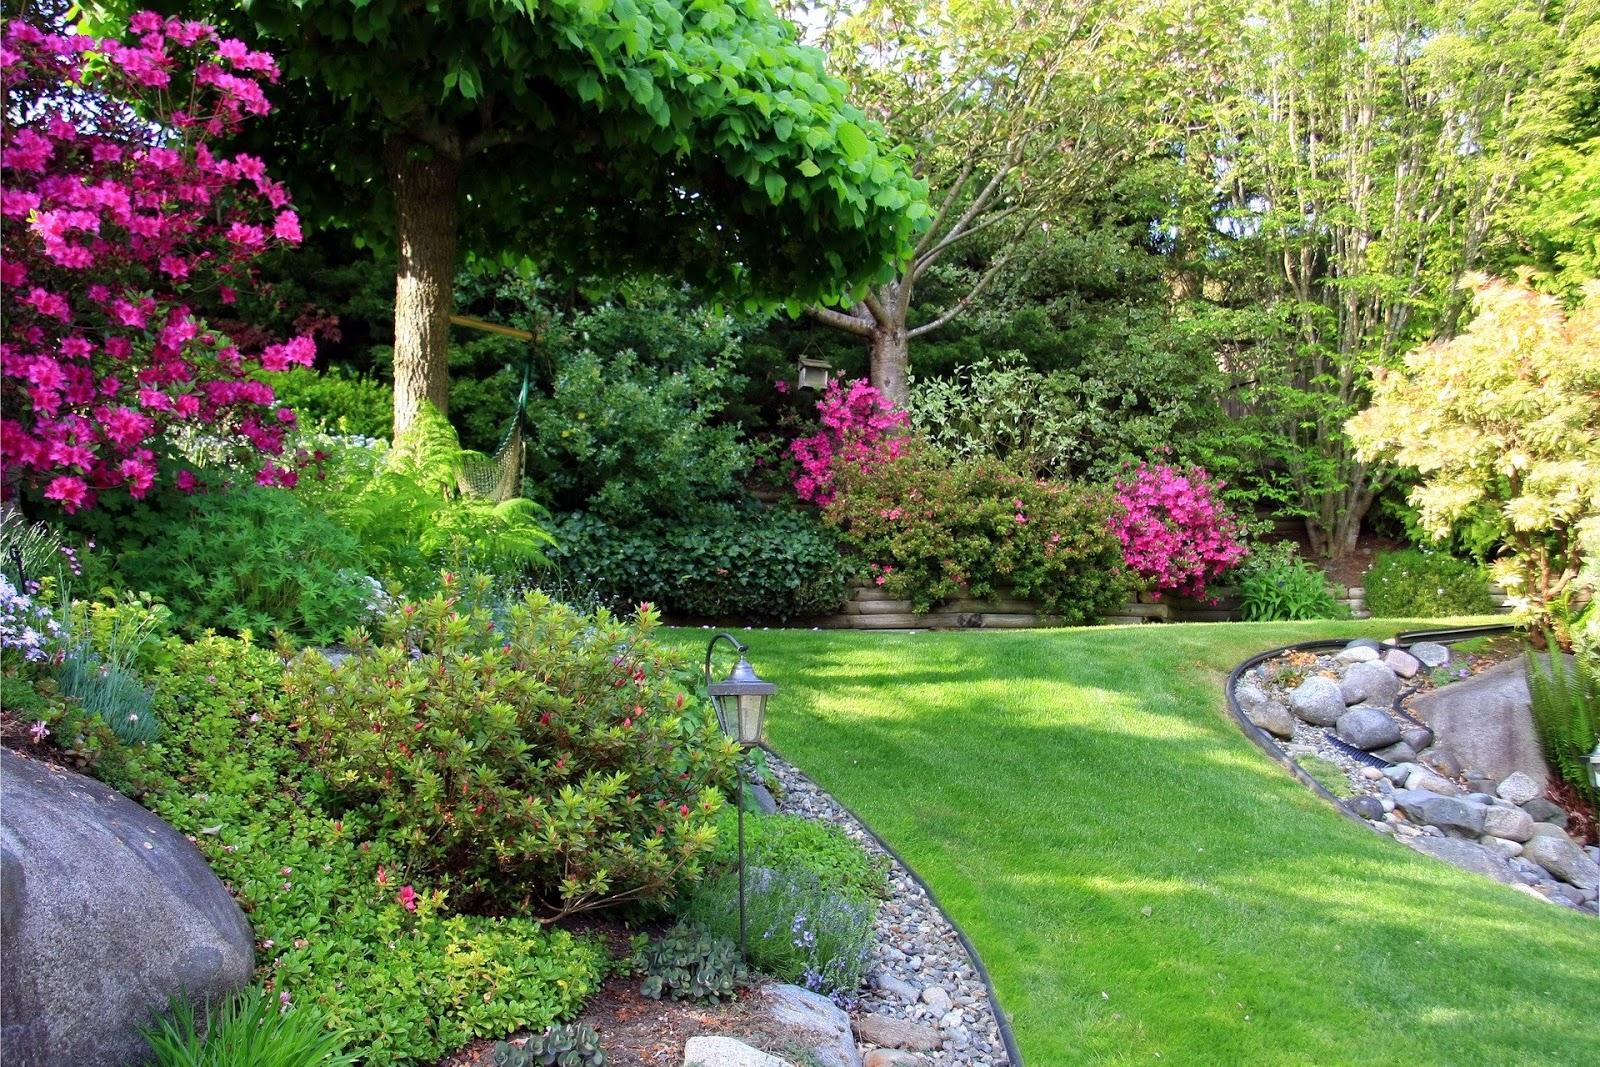 Arte y jardiner a plantas perennes en el dise o de jardines for Borde para jardin